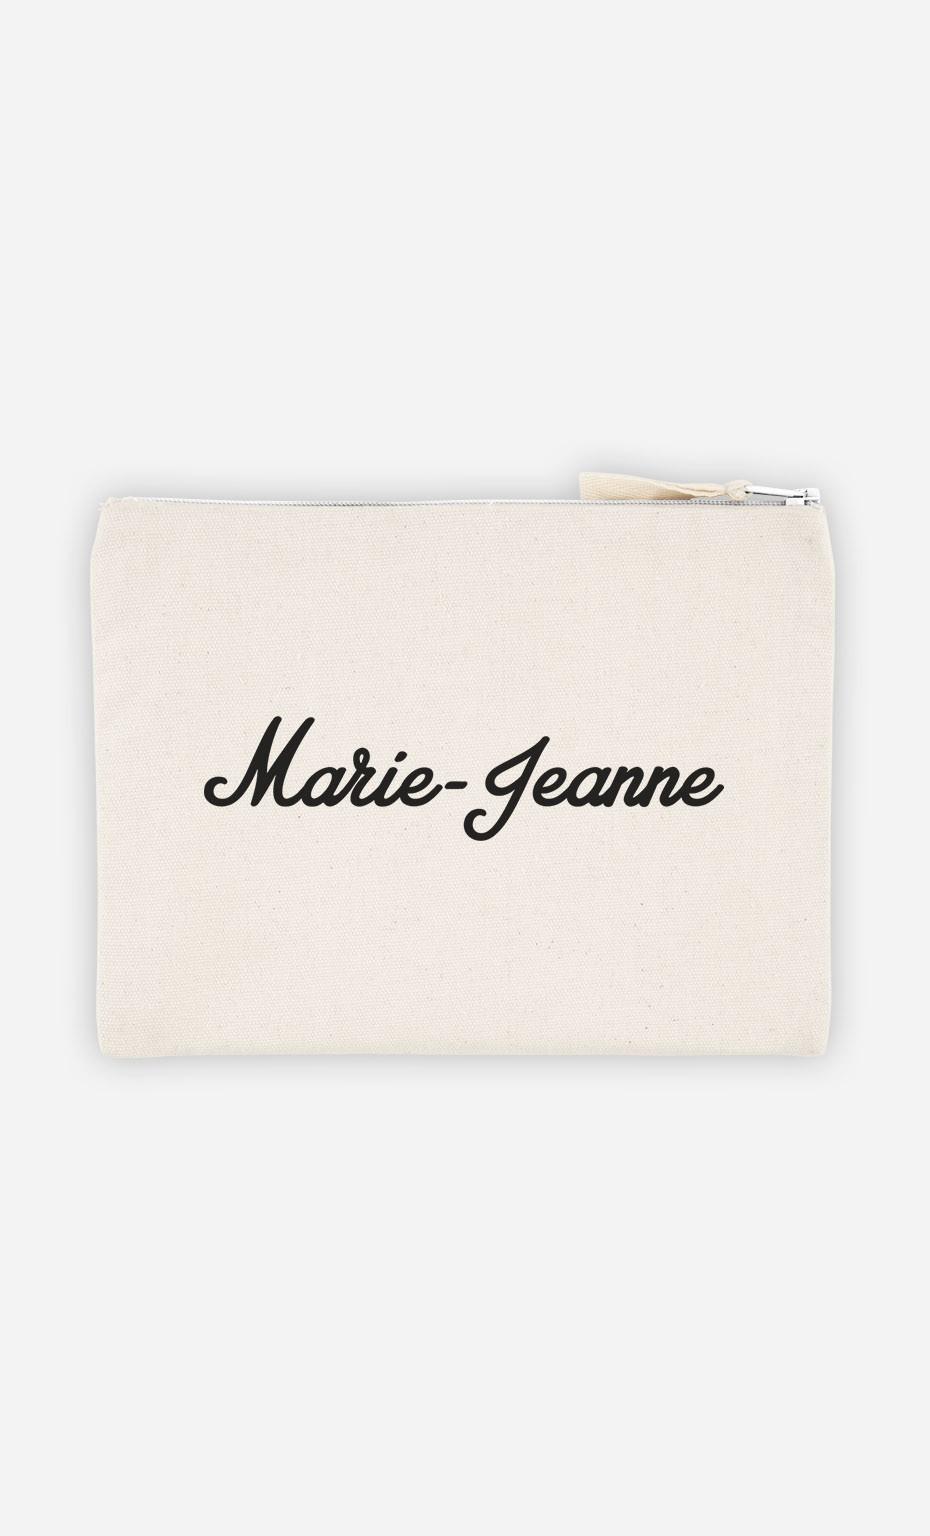 Pochette Marie-Jeanne